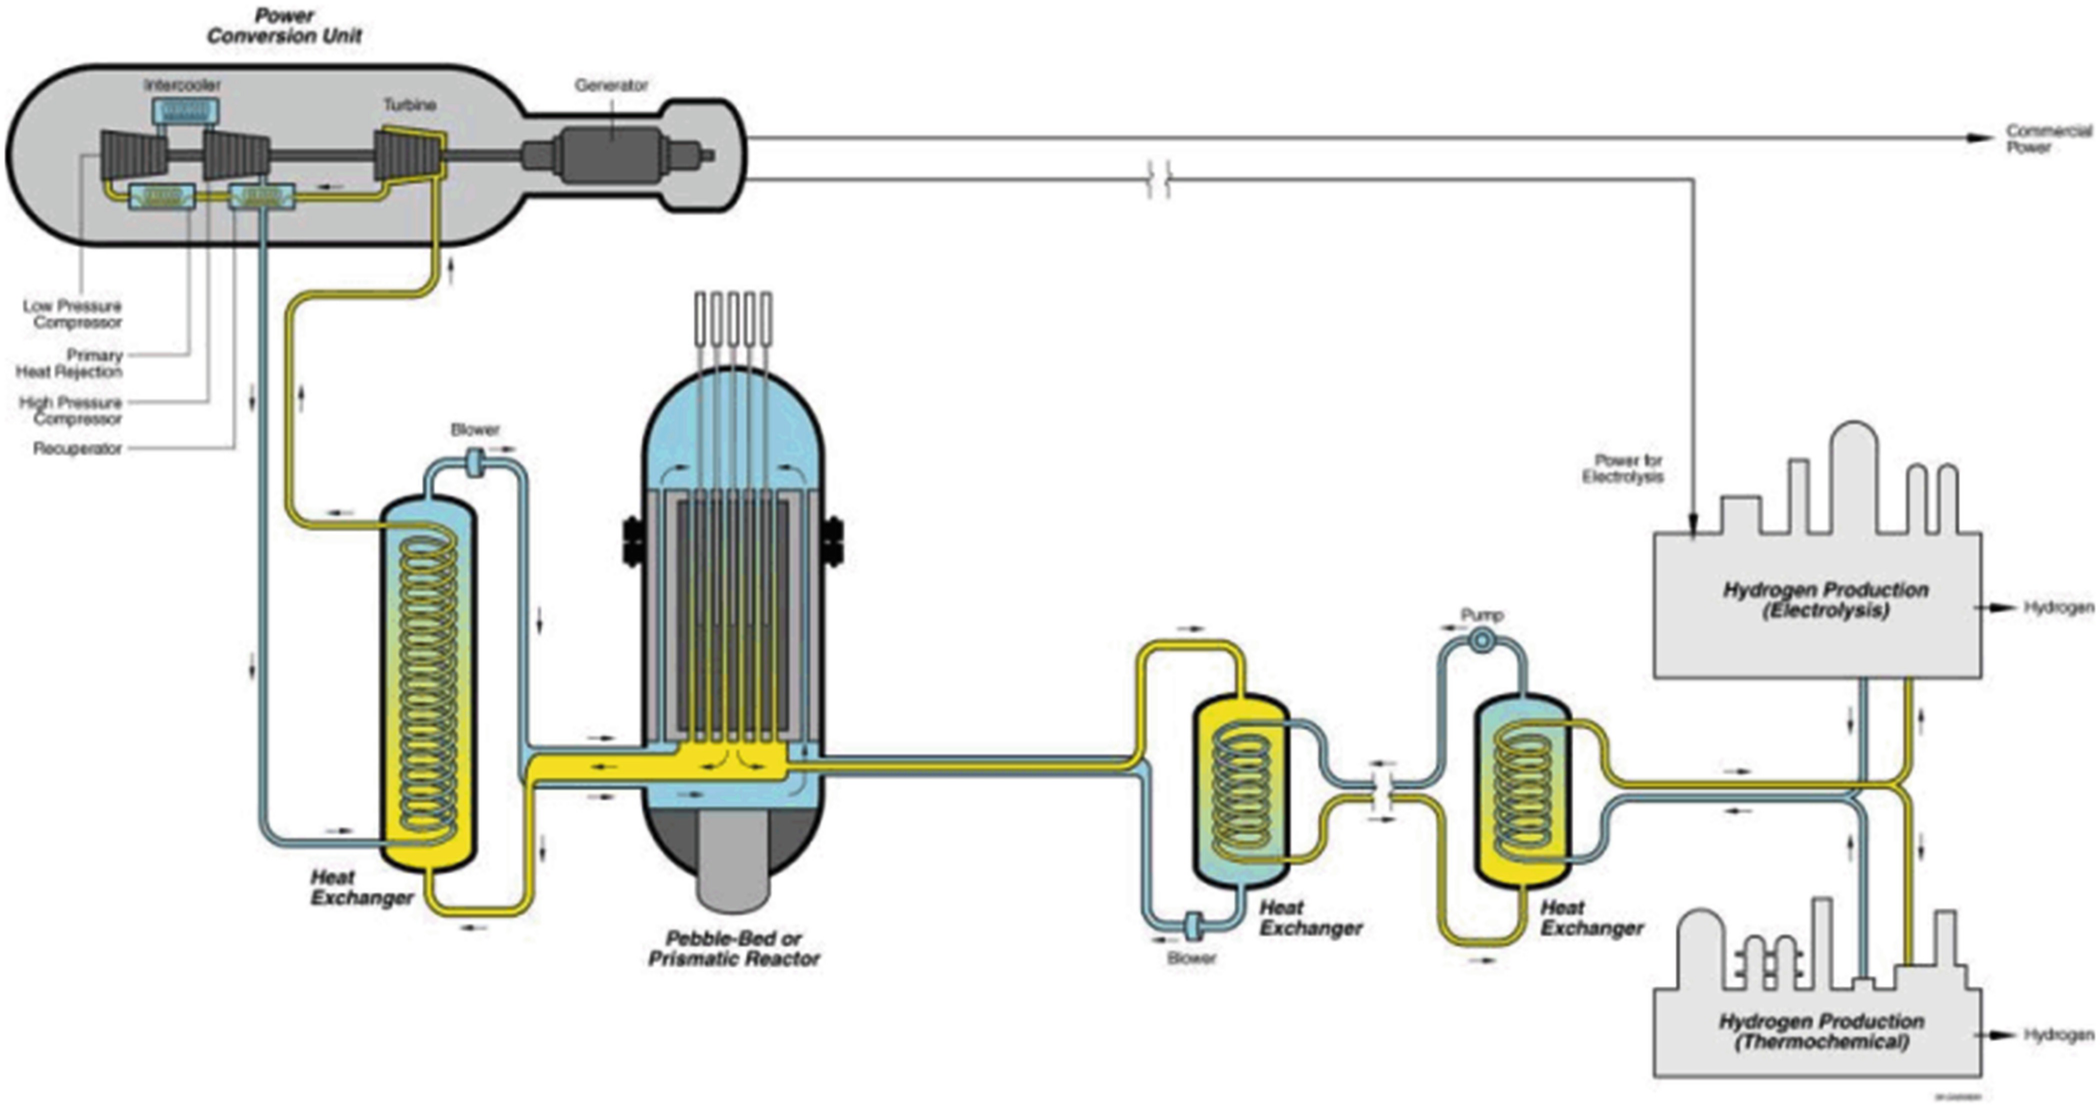 Nuclear Hydrogen Production Plants Springerlink Diagramgif Hydrogenelectrolysisjpg Hydrogenfuelcellstackjpg Open Image In New Window